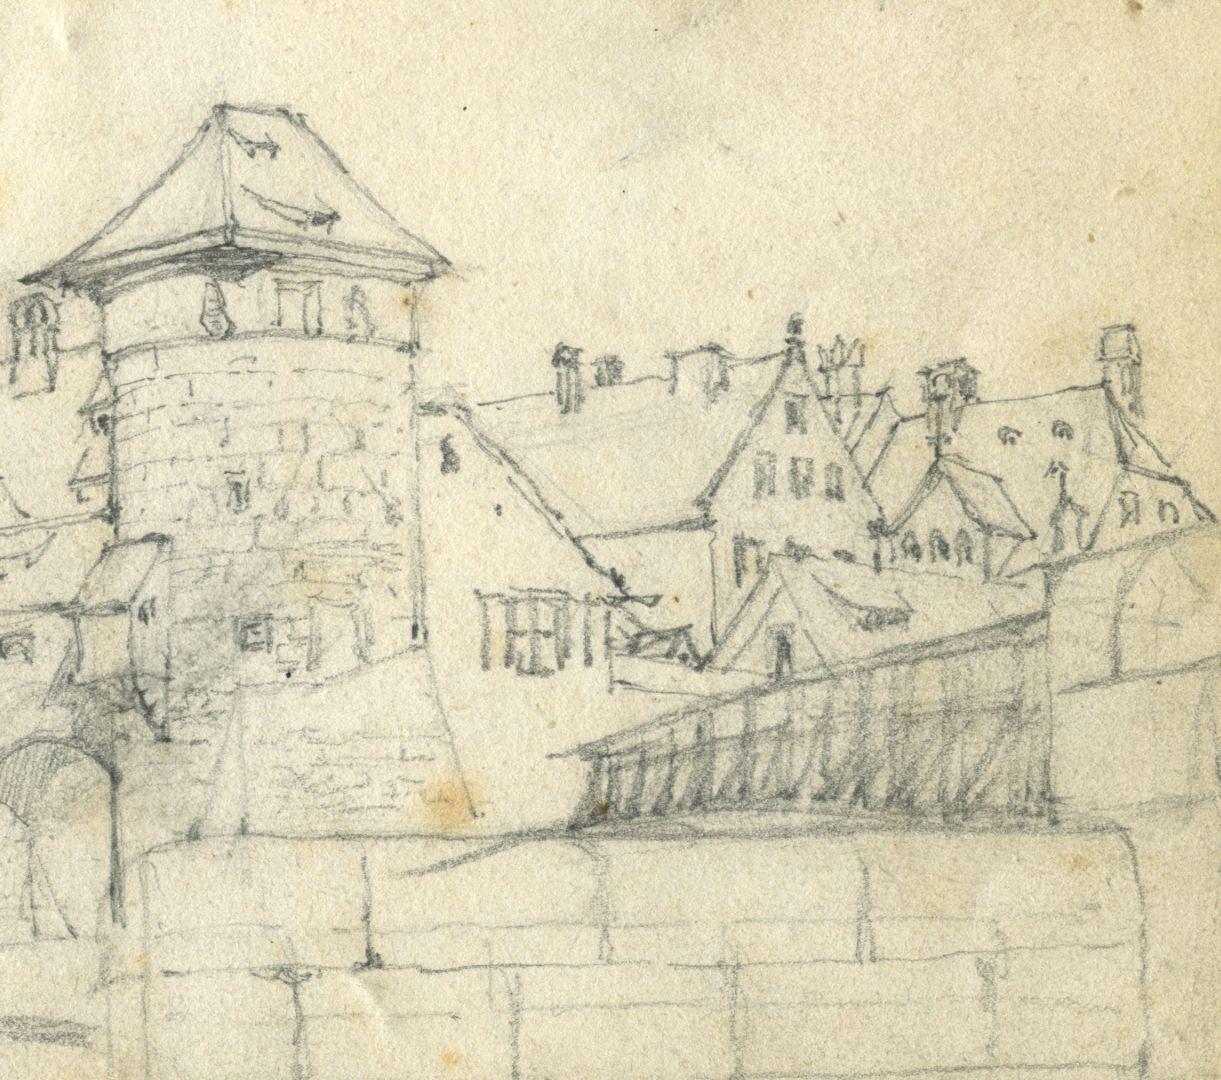 Skizzenbuch von Paul Ritter Blick auf Weinstadel, Henkersteg, rechts Dach vom ehemaligen Bayerischen Hof